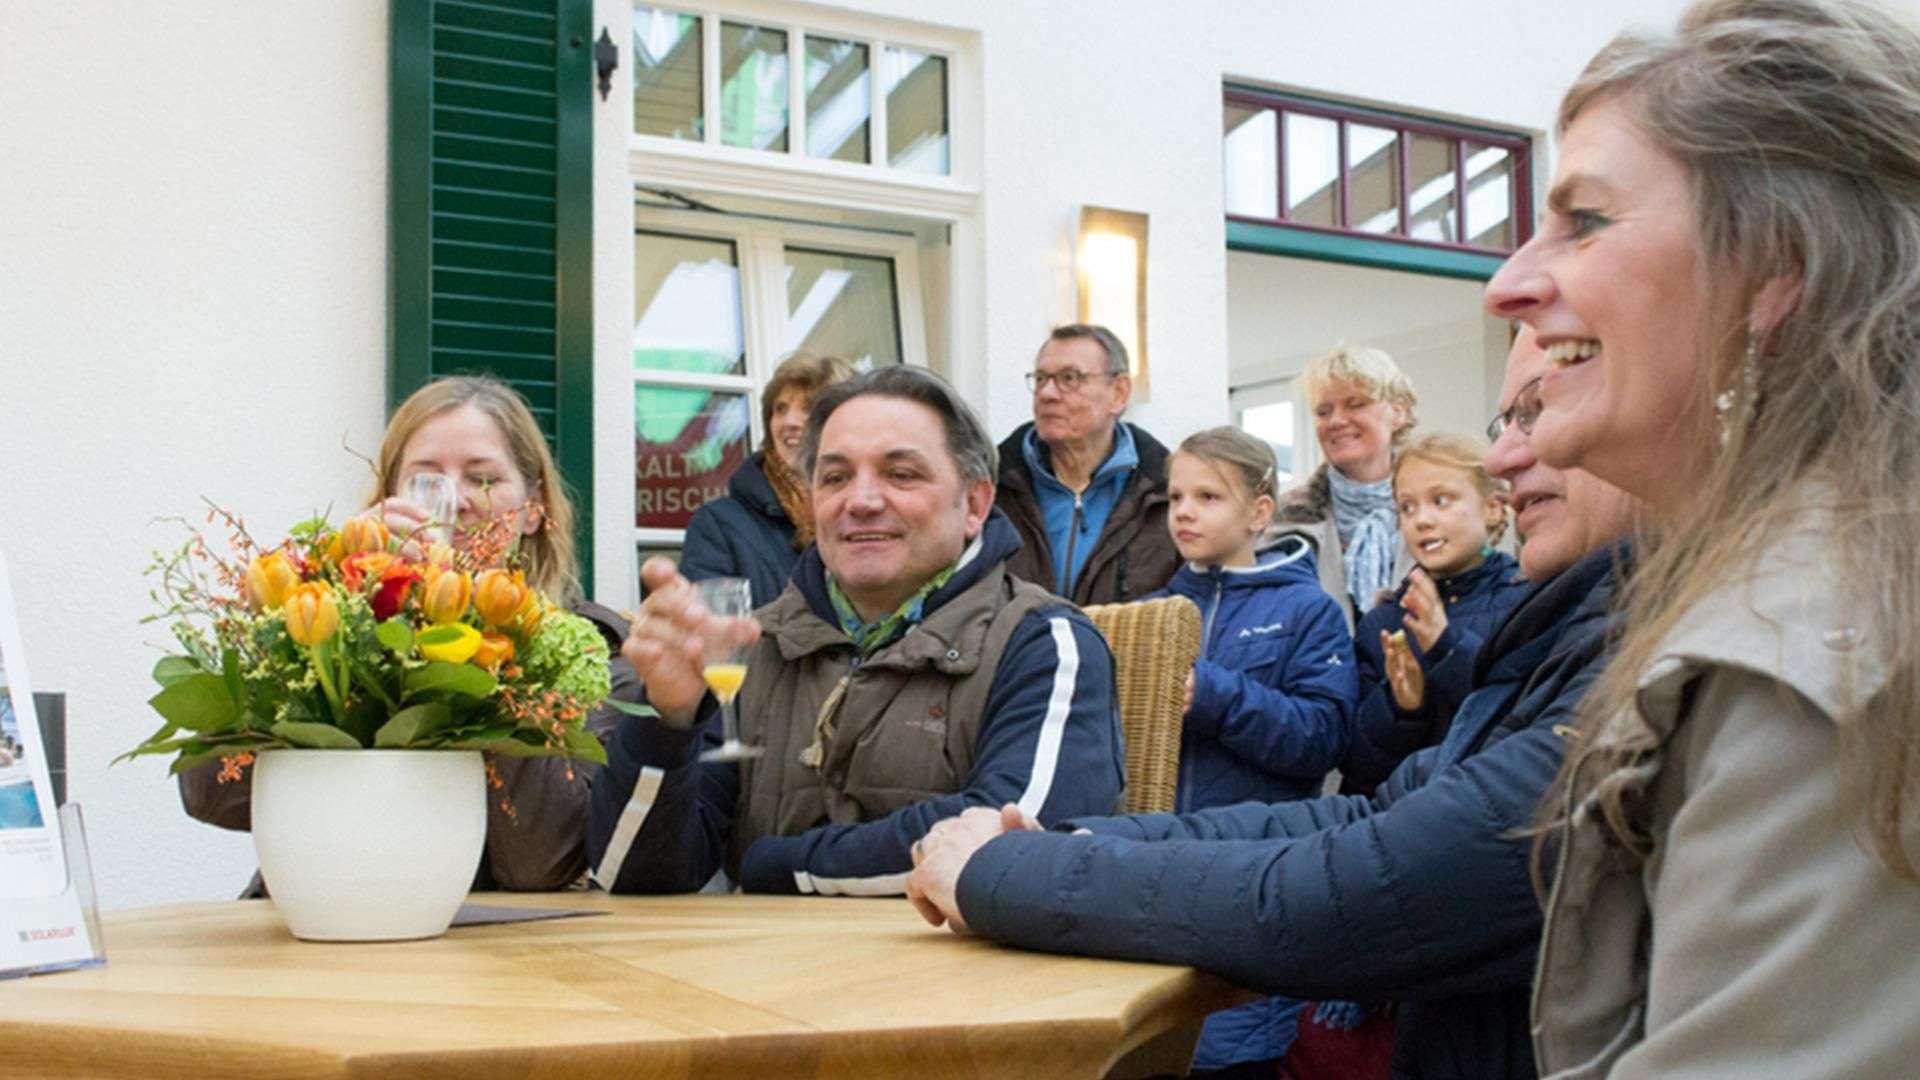 viele Personen bei einem Vortrag in der Ausstellung der Tischlerei Gleue in Lindwedel